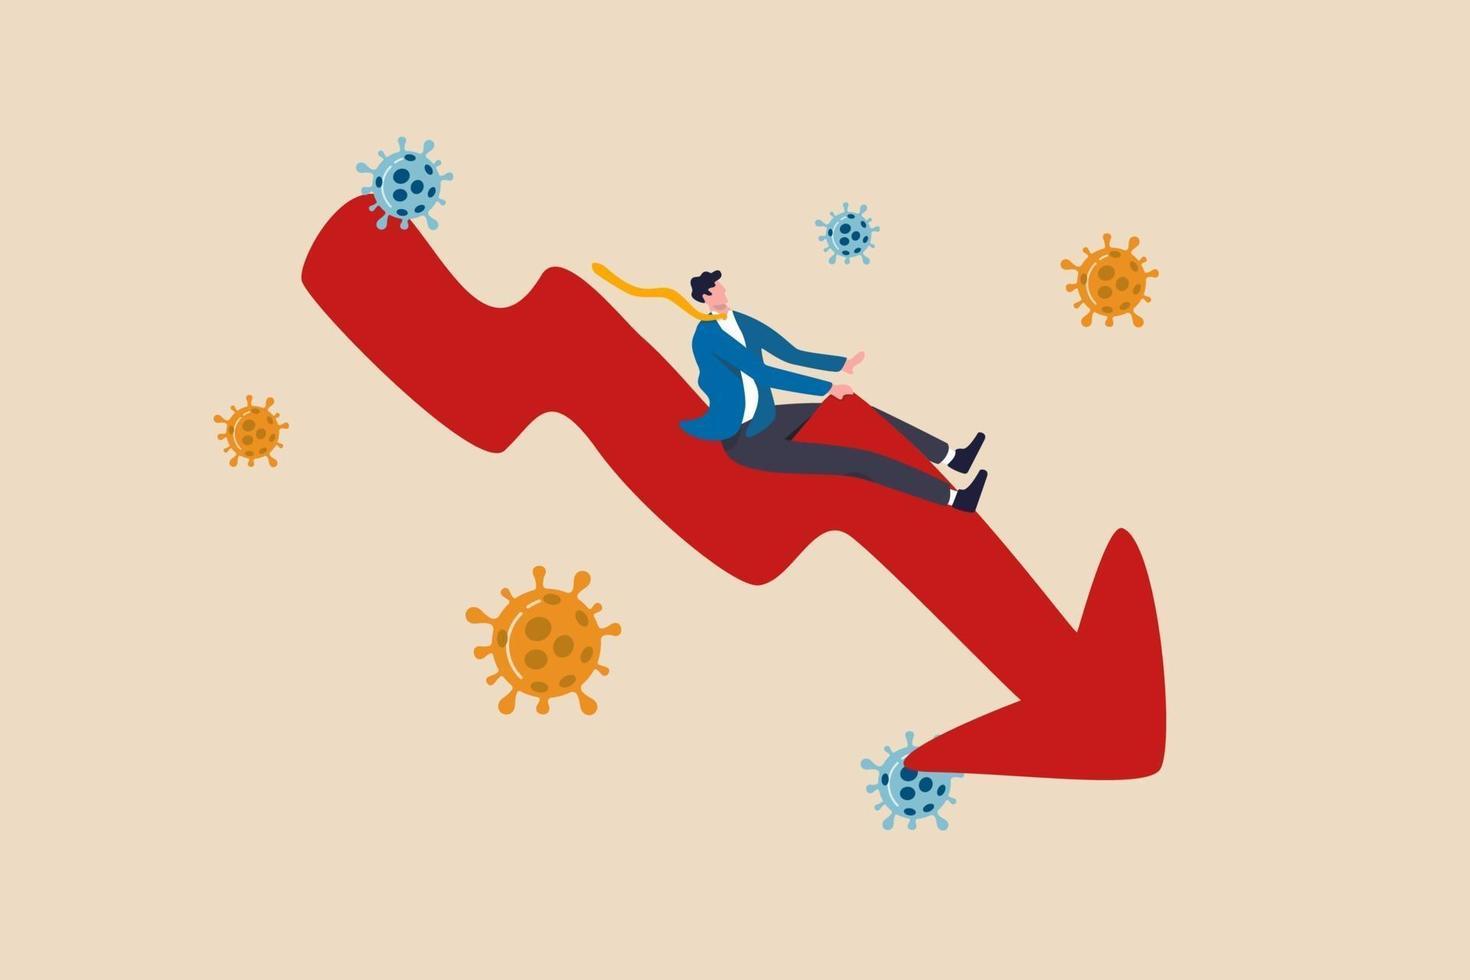 aktiemarknadsdykning, konkurs eller ekonomisk lågkonjunktur på grund av coronavirusutbrottet covid-19 pandemikoncept, deprimerad affärsman som rider ner sväng röd pil ekonomidiagram med viruspatogen vektor